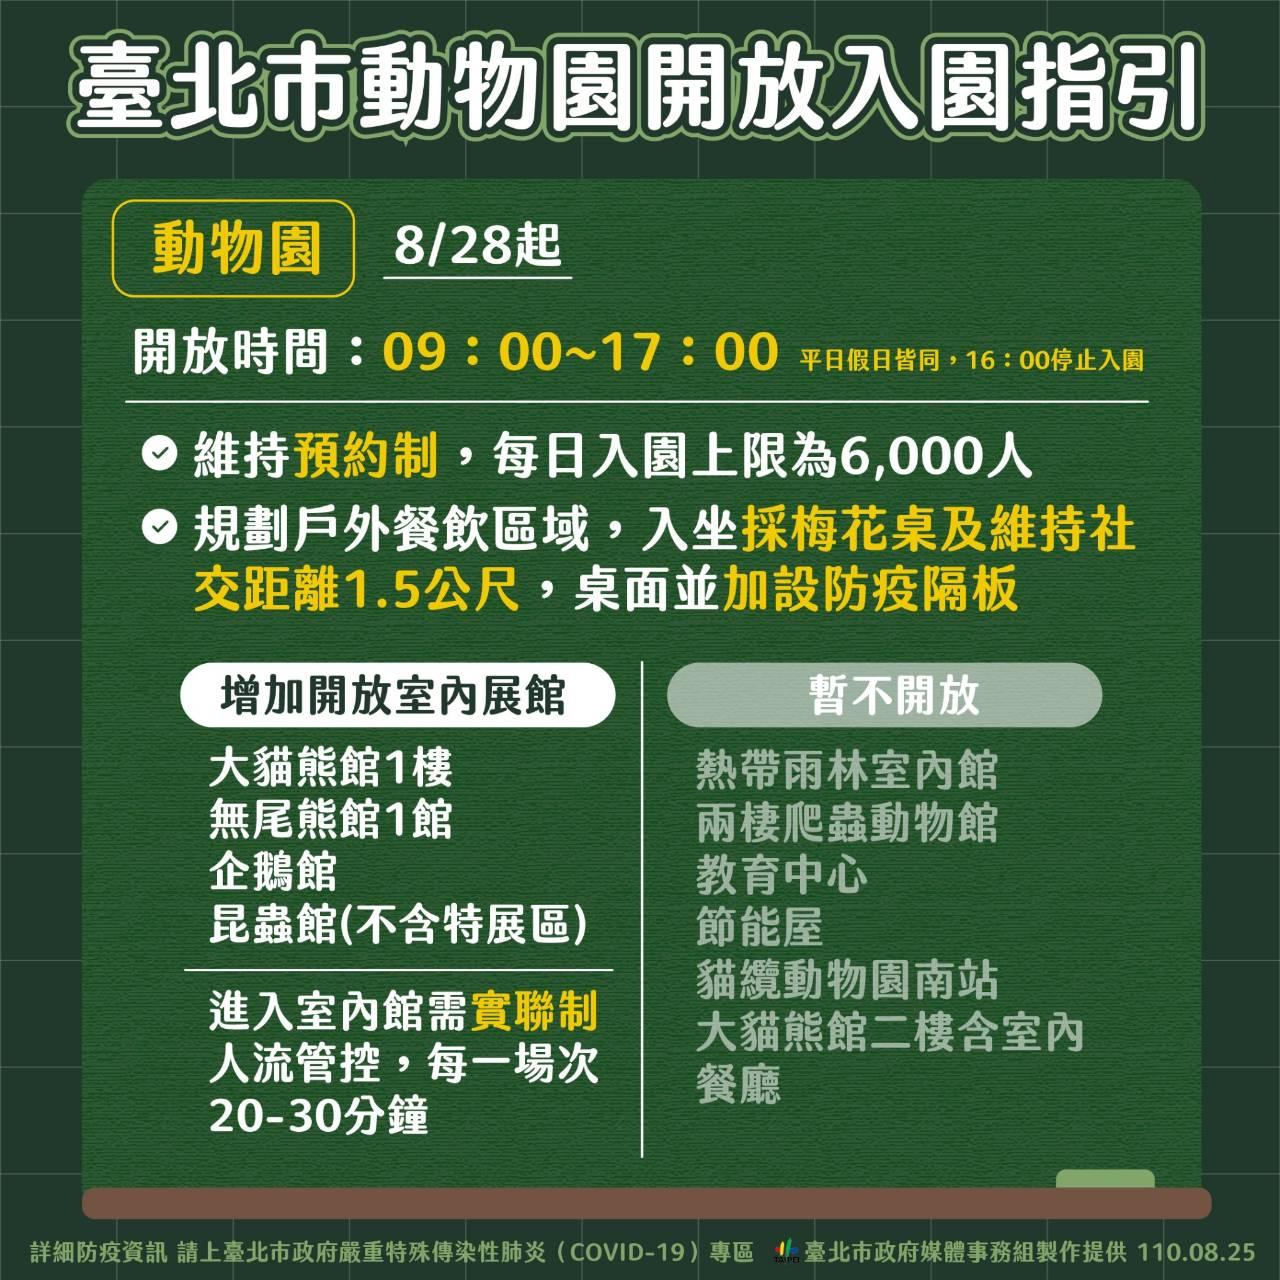 臺北市立動物園開放指南